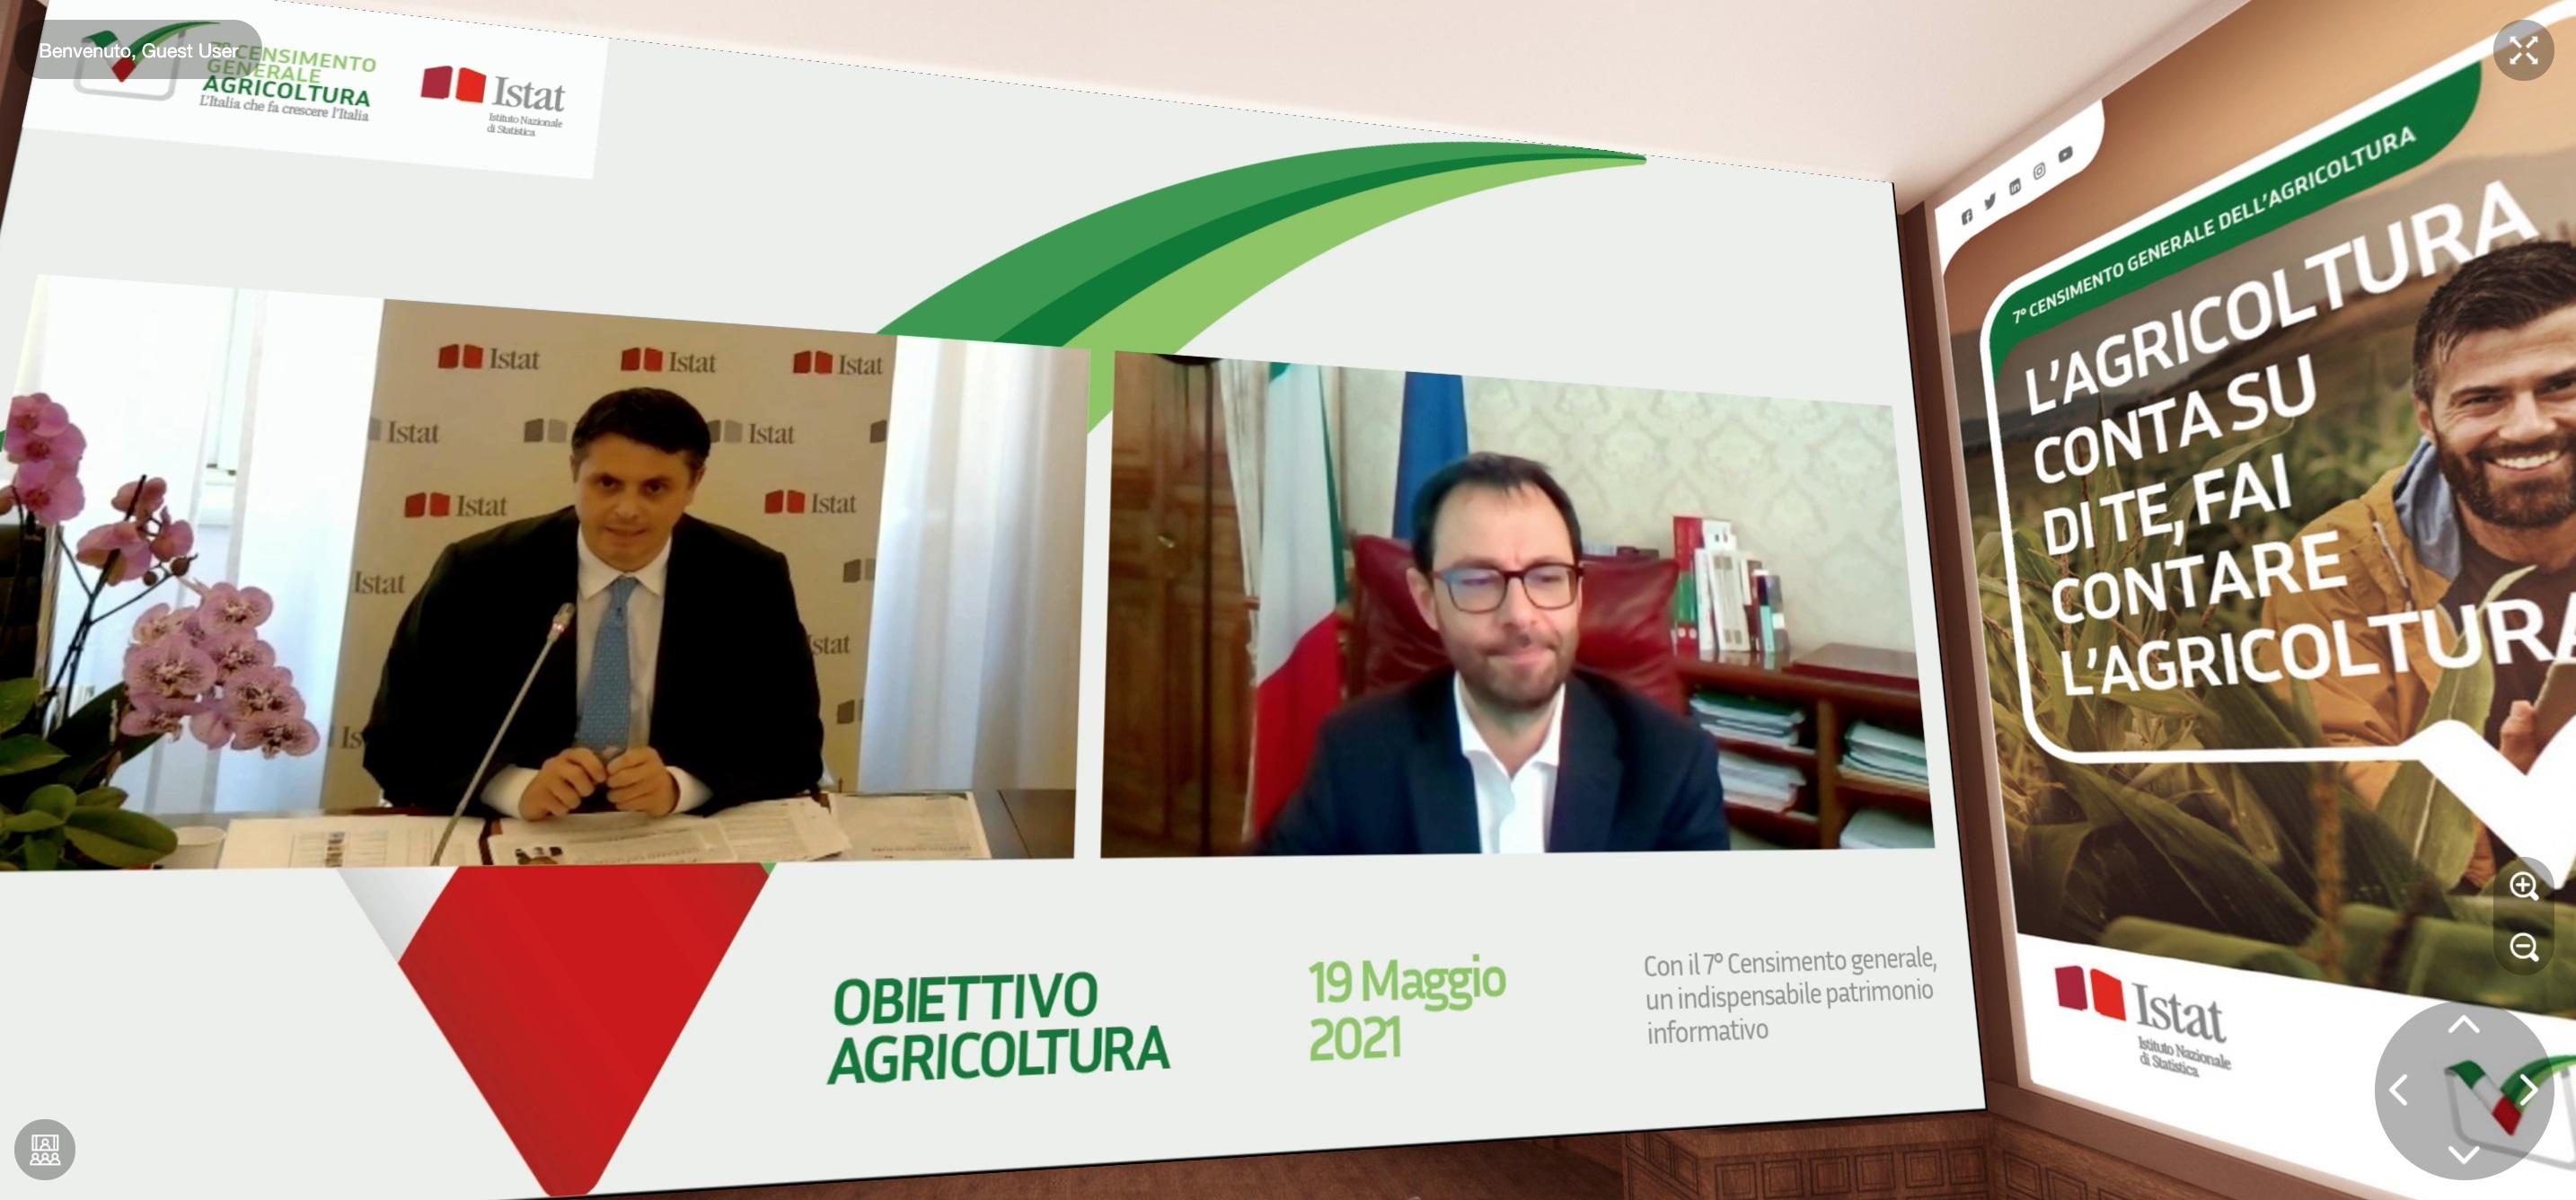 Evento Obiettivo Agricoltura